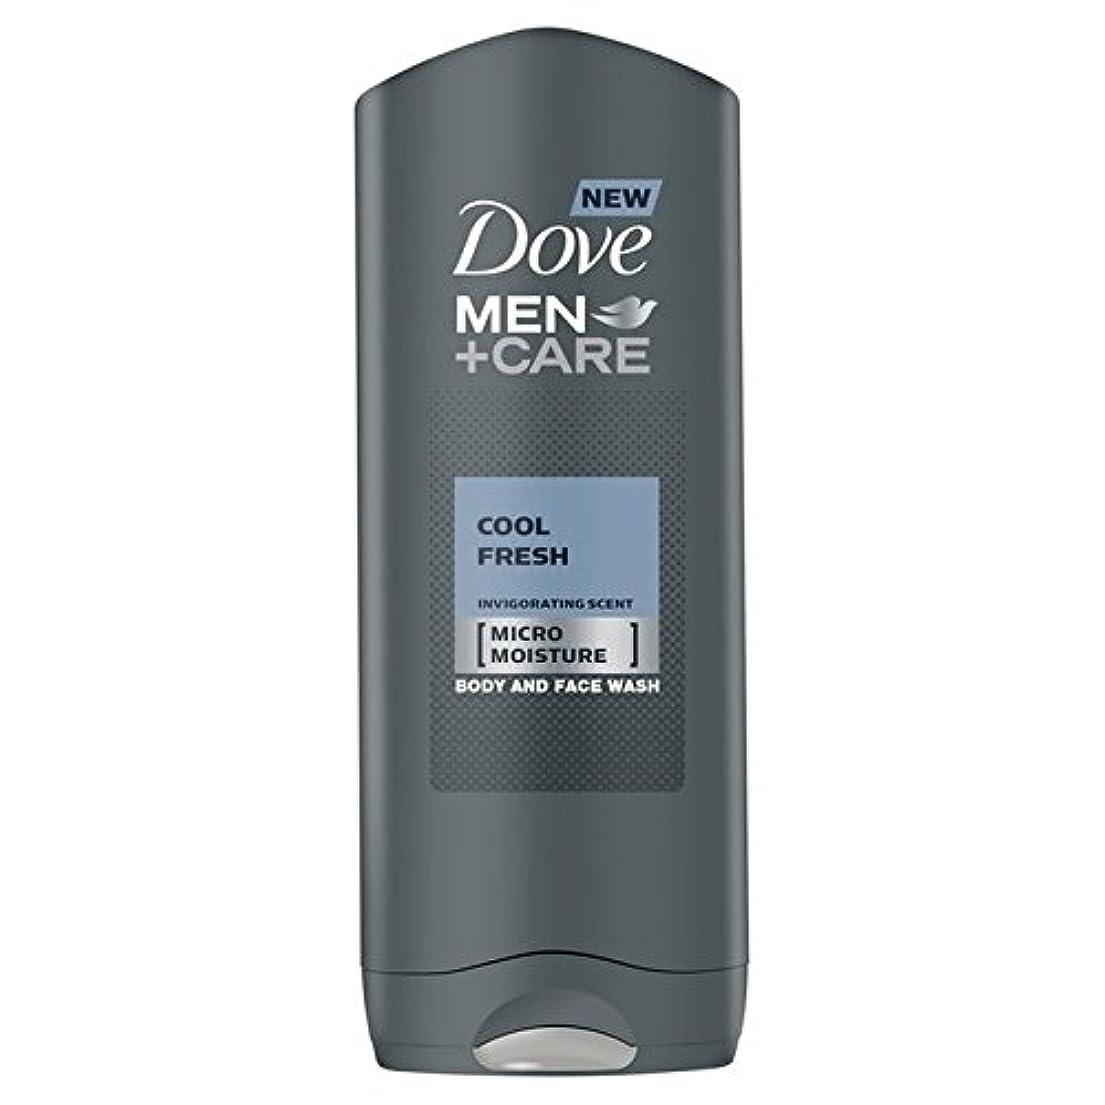 ジェットけがをする広々Dove Men+Care Cool Fresh Shower Gel 400ml - クールフレッシュシャワージェル400ミリリットルケア+鳩の男性 [並行輸入品]